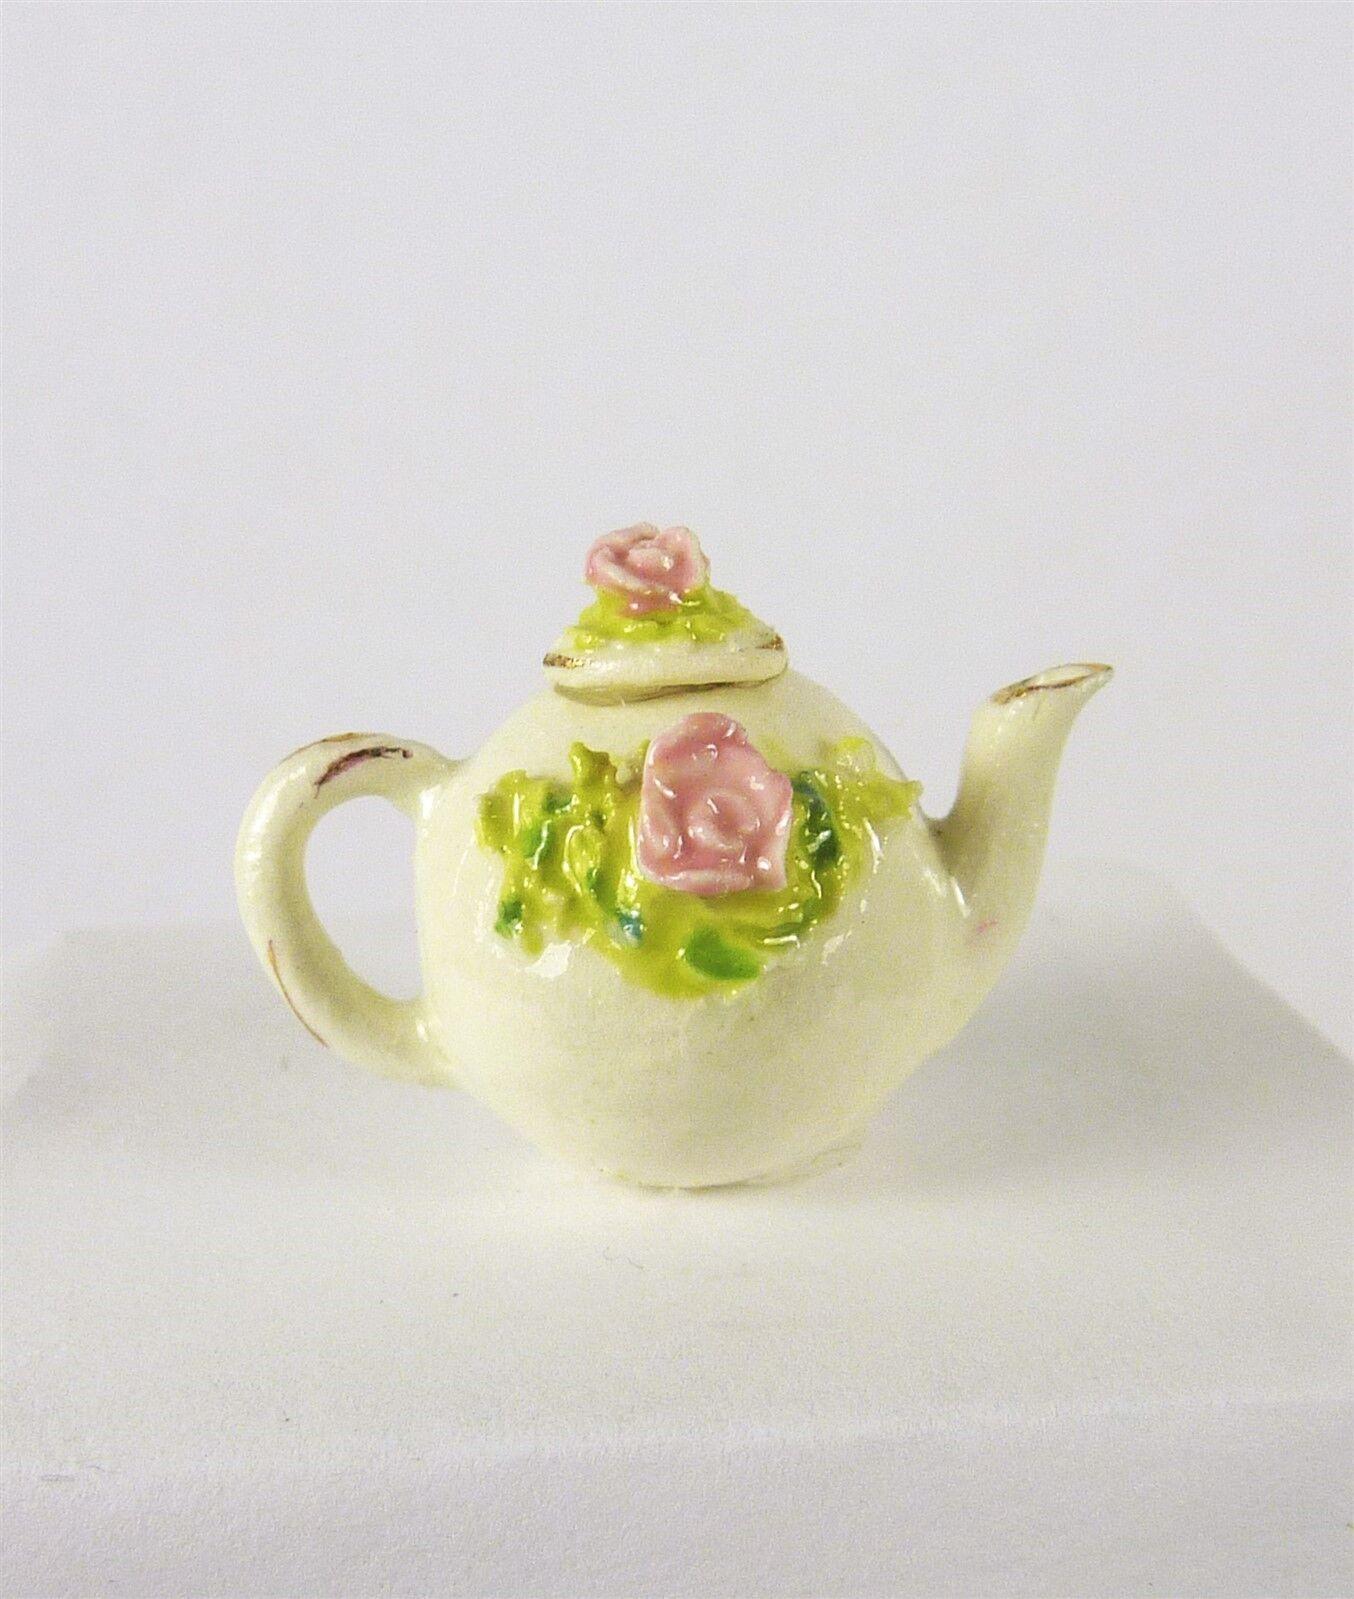 Estate Sale Dollhouse Miniature Veronique Cornish Handmade Porcelain Teapot,  16